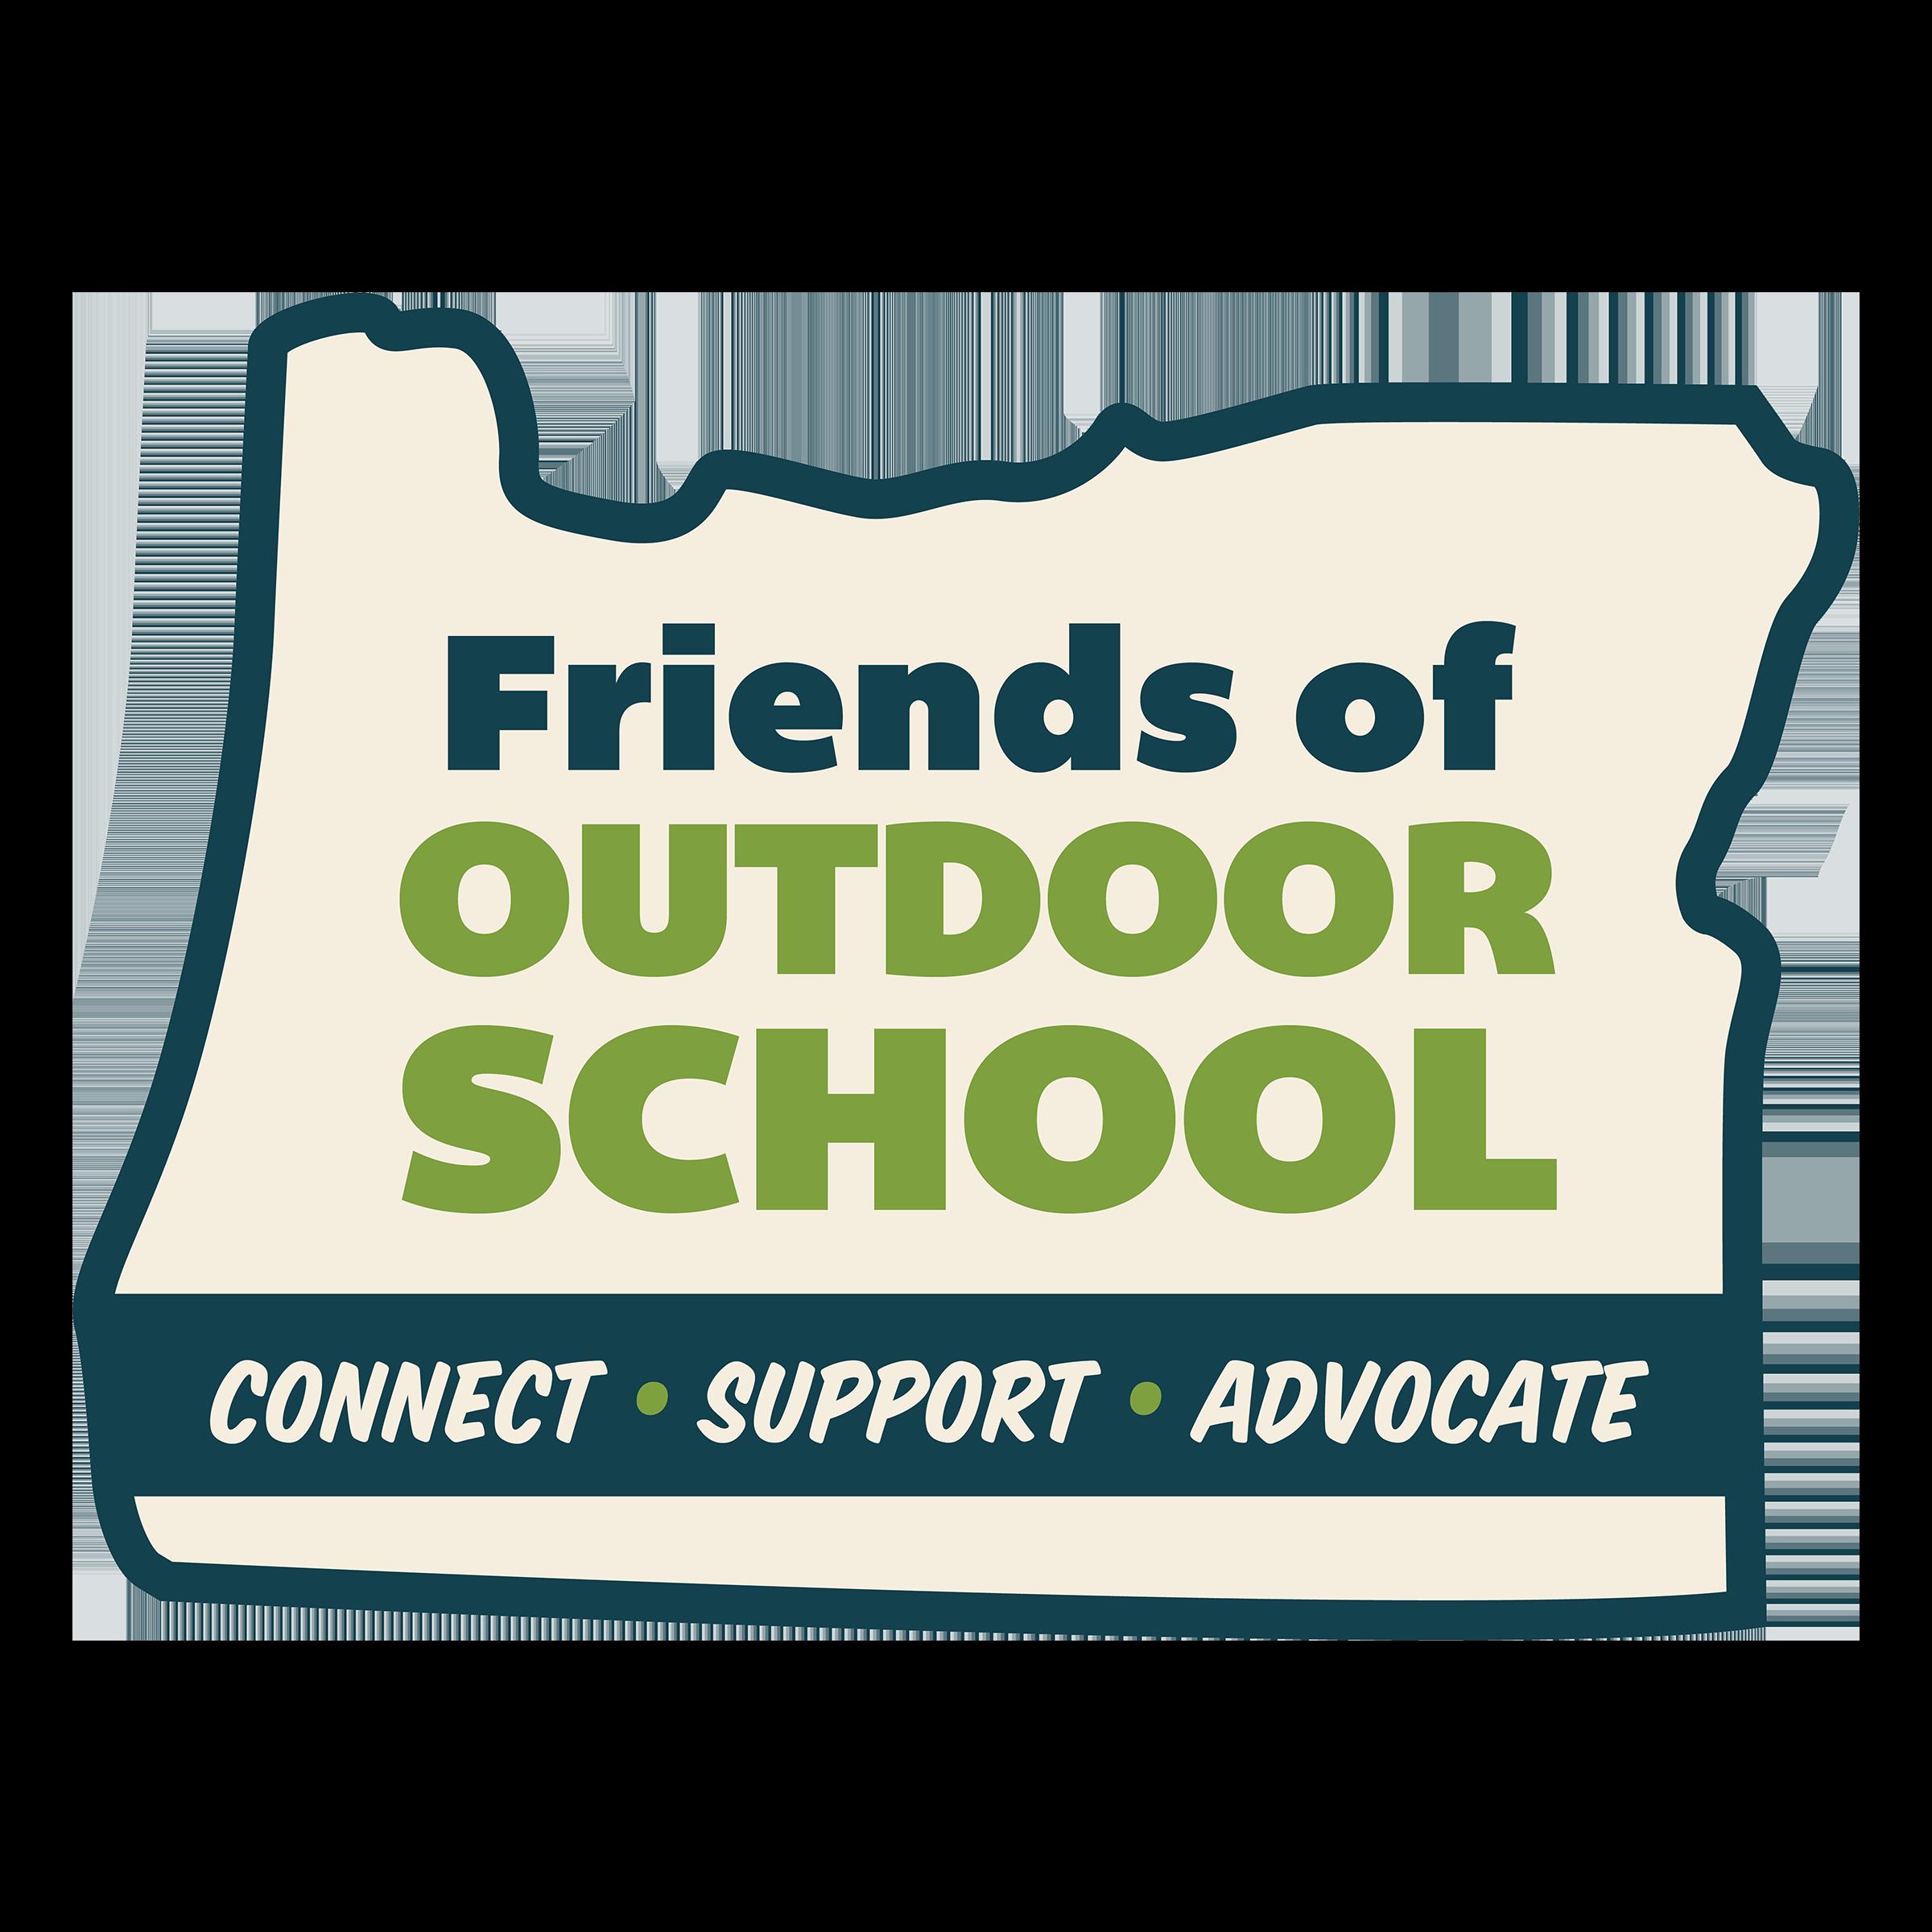 Friends of Outdoor School